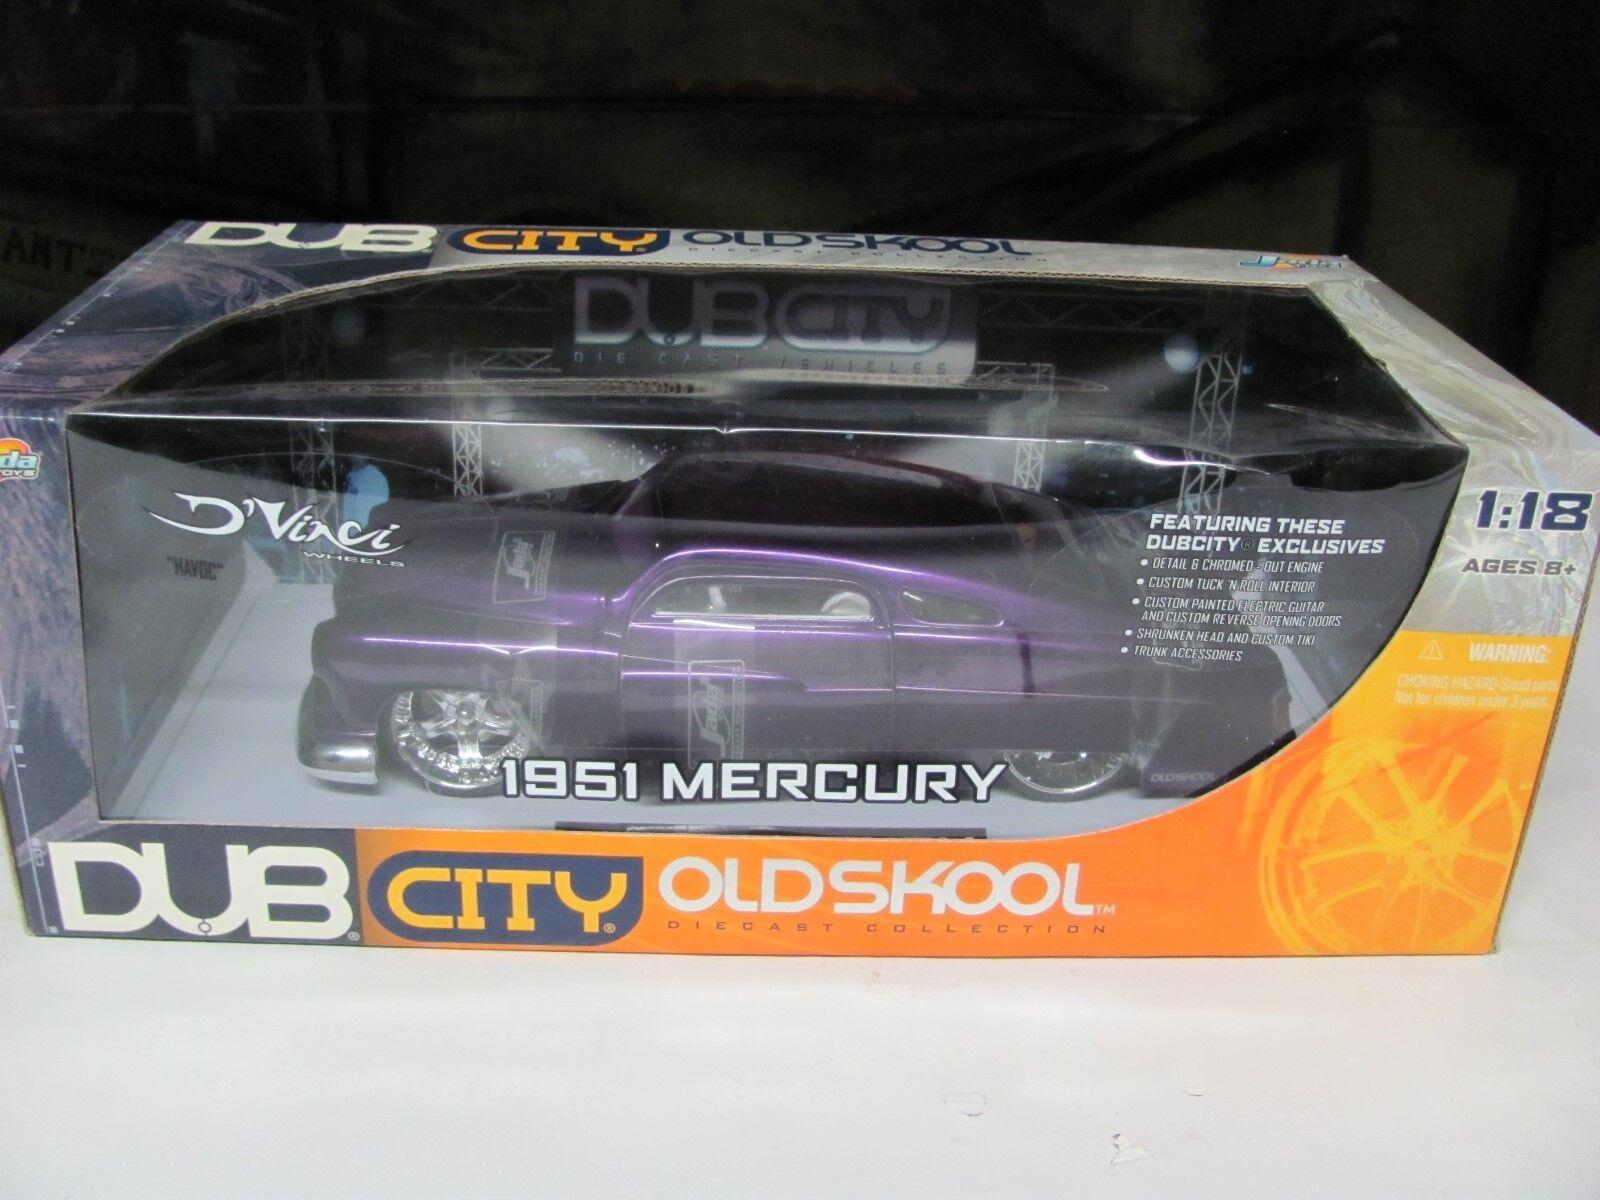 1 18 Jada DUB City  Old Skool  1951 Mercury Lowrider Lead Sled 24  Dub Wheels